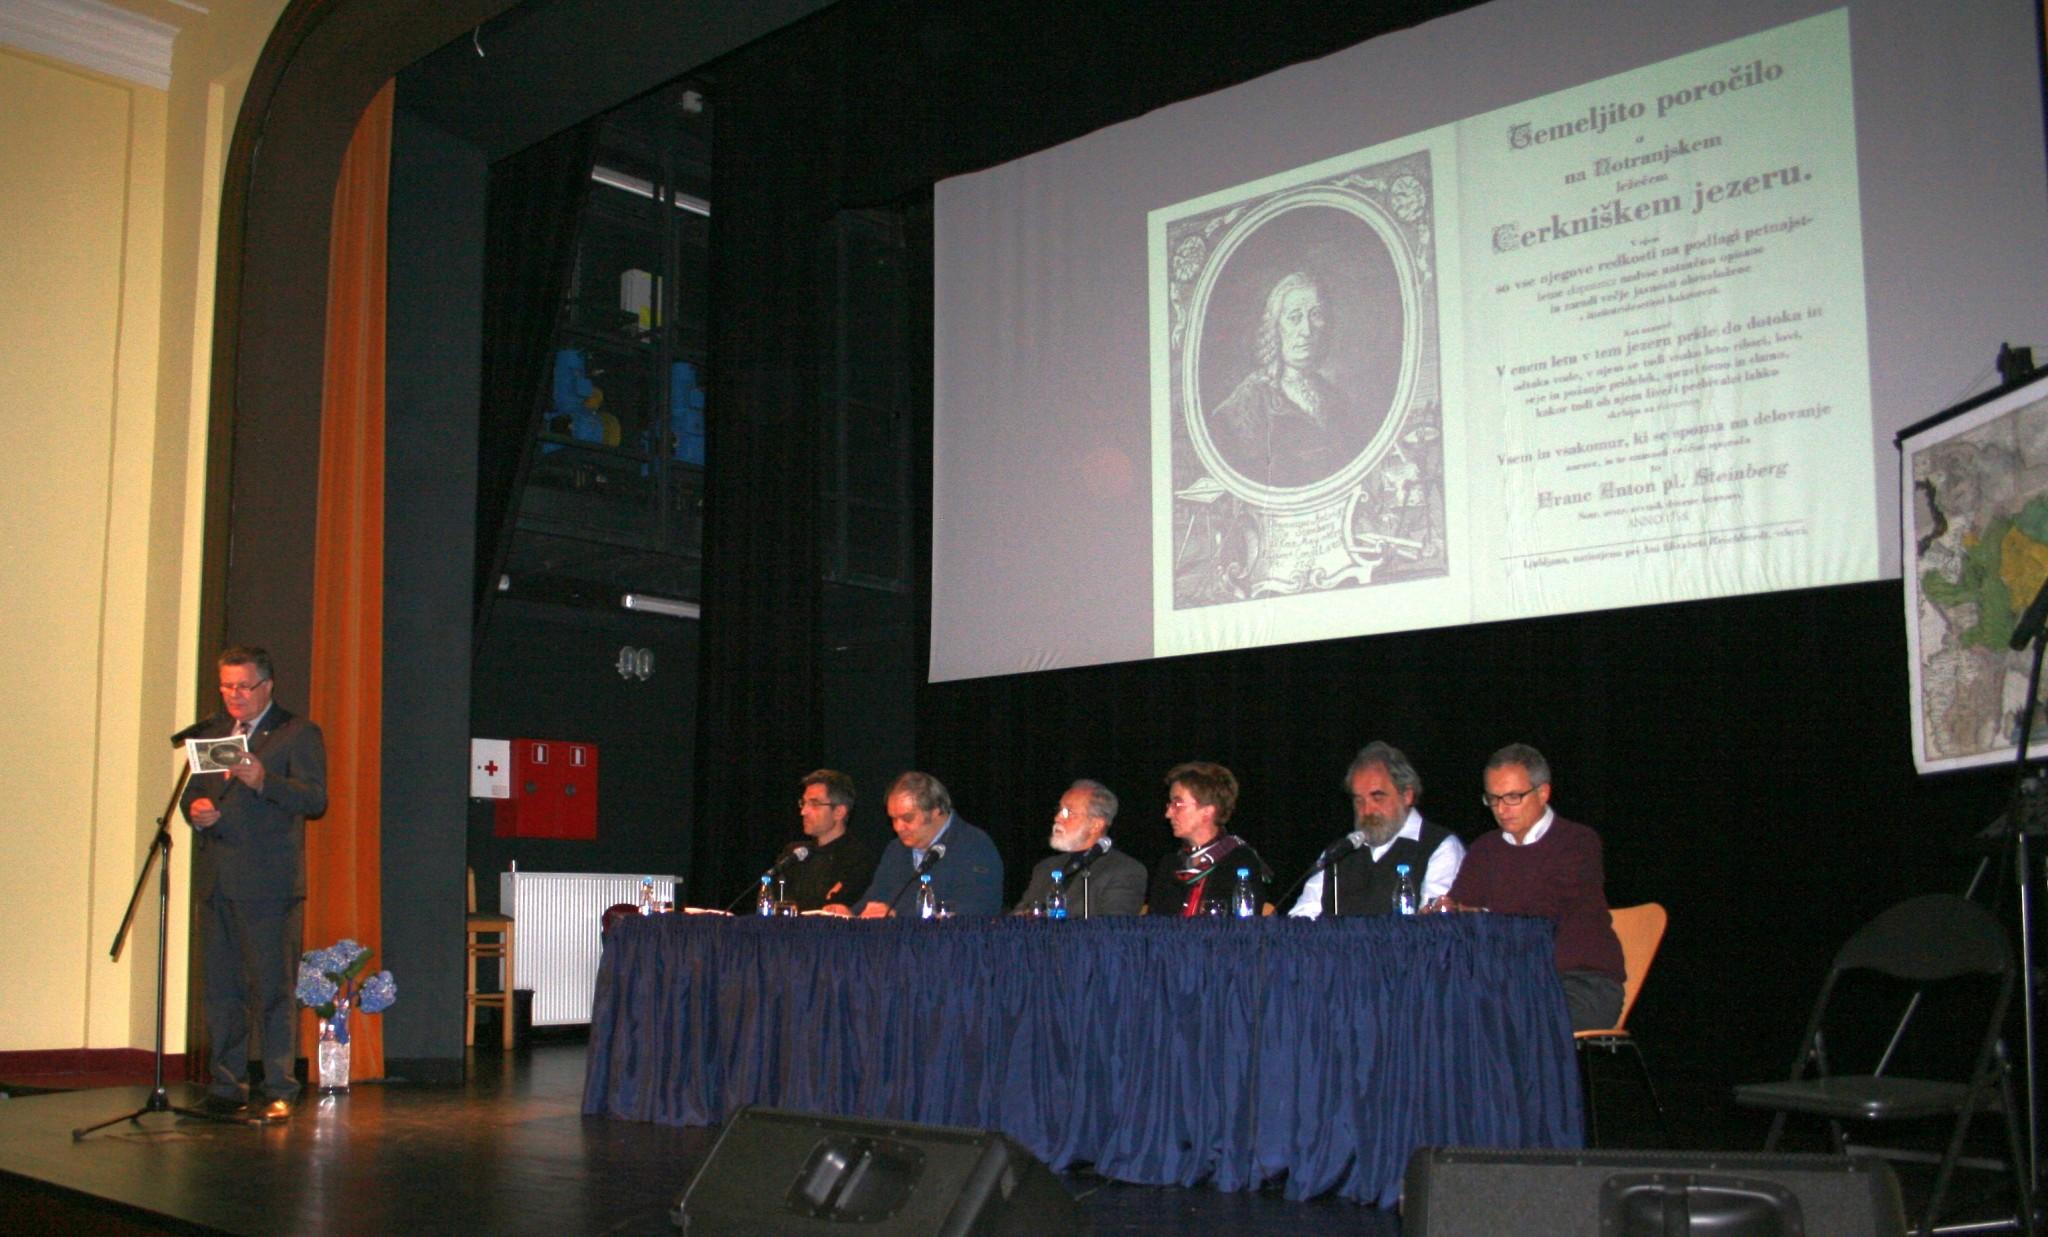 image005 - Predstavitev monografije Franca Antona pl. Steinberga Temeljito poročilo o na Notranjskem ležečem Cerkniškem jezeru